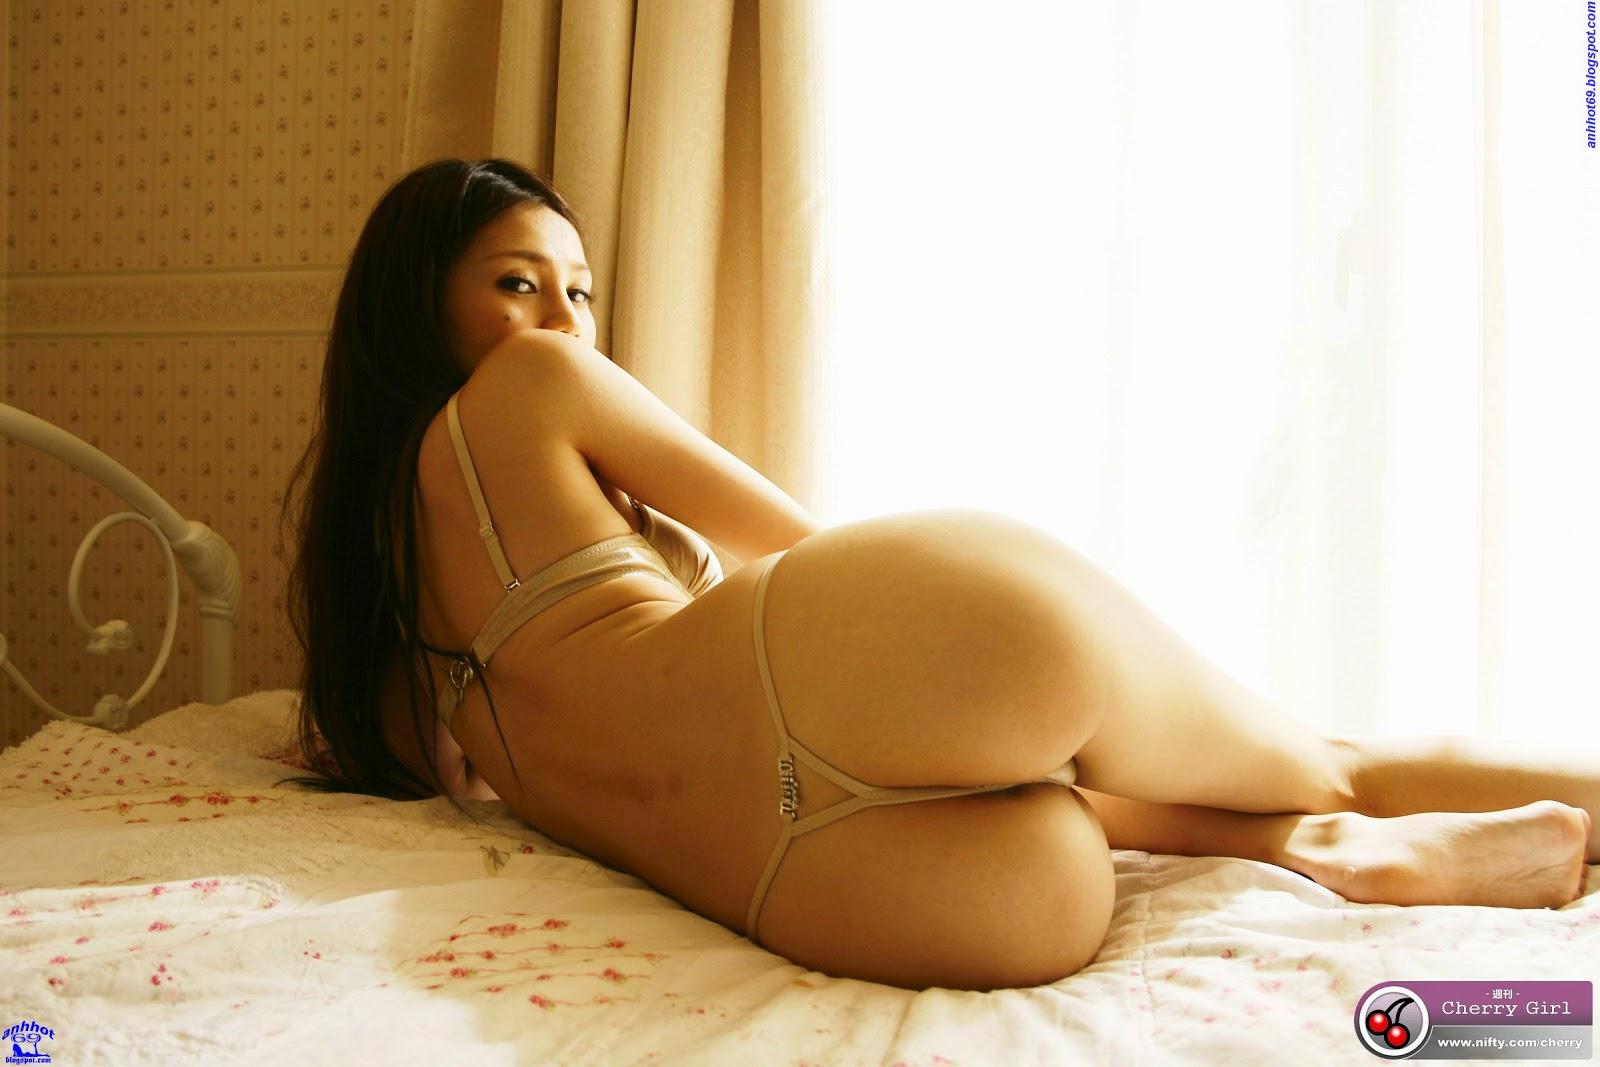 ameri_ichinose_Cherry Girl 2009-12-02_017